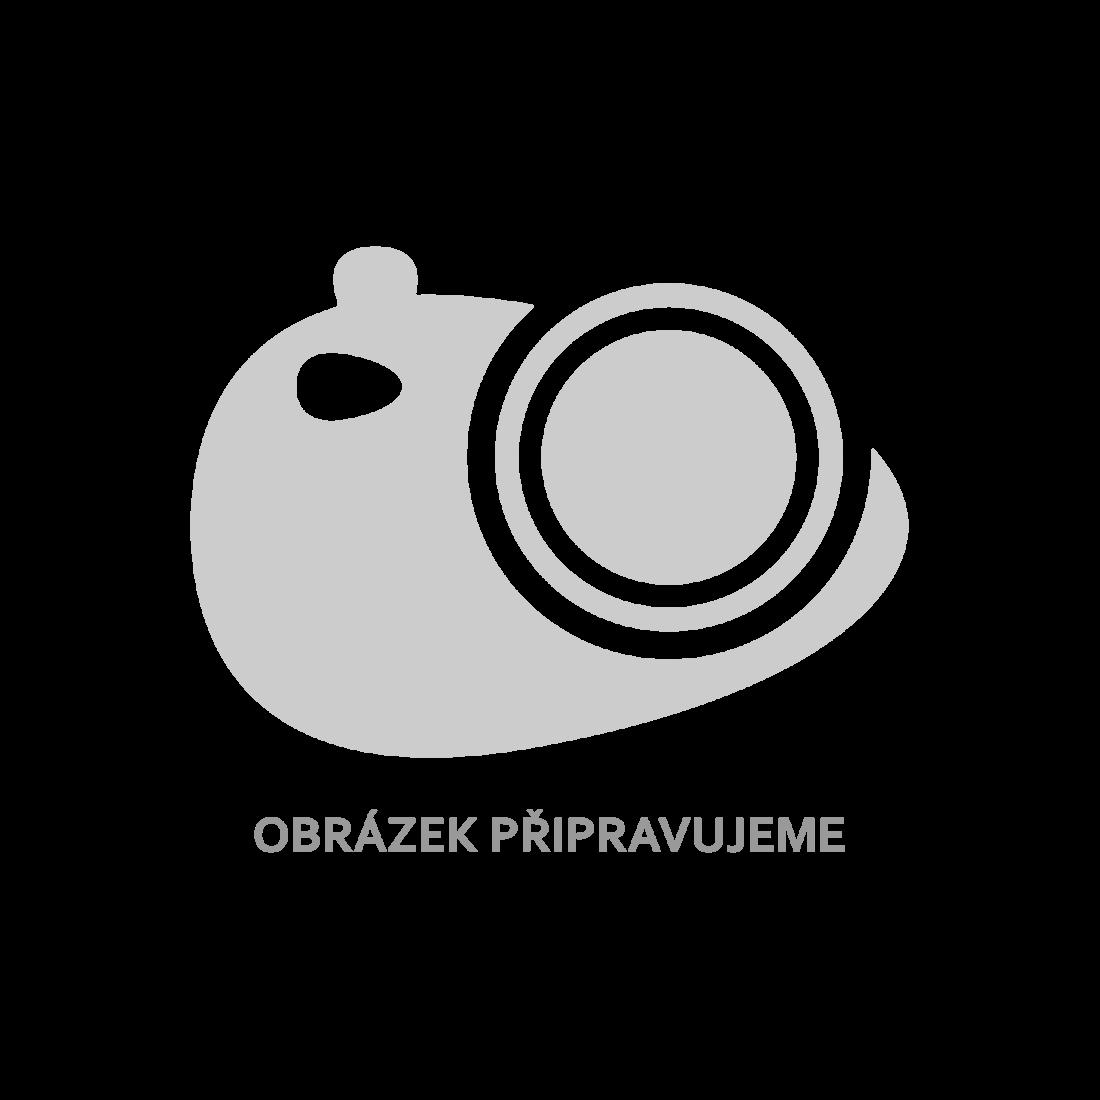 Škrabadlo pro kočky se sisalovými sloupky 230-250 cm béžové [170619]